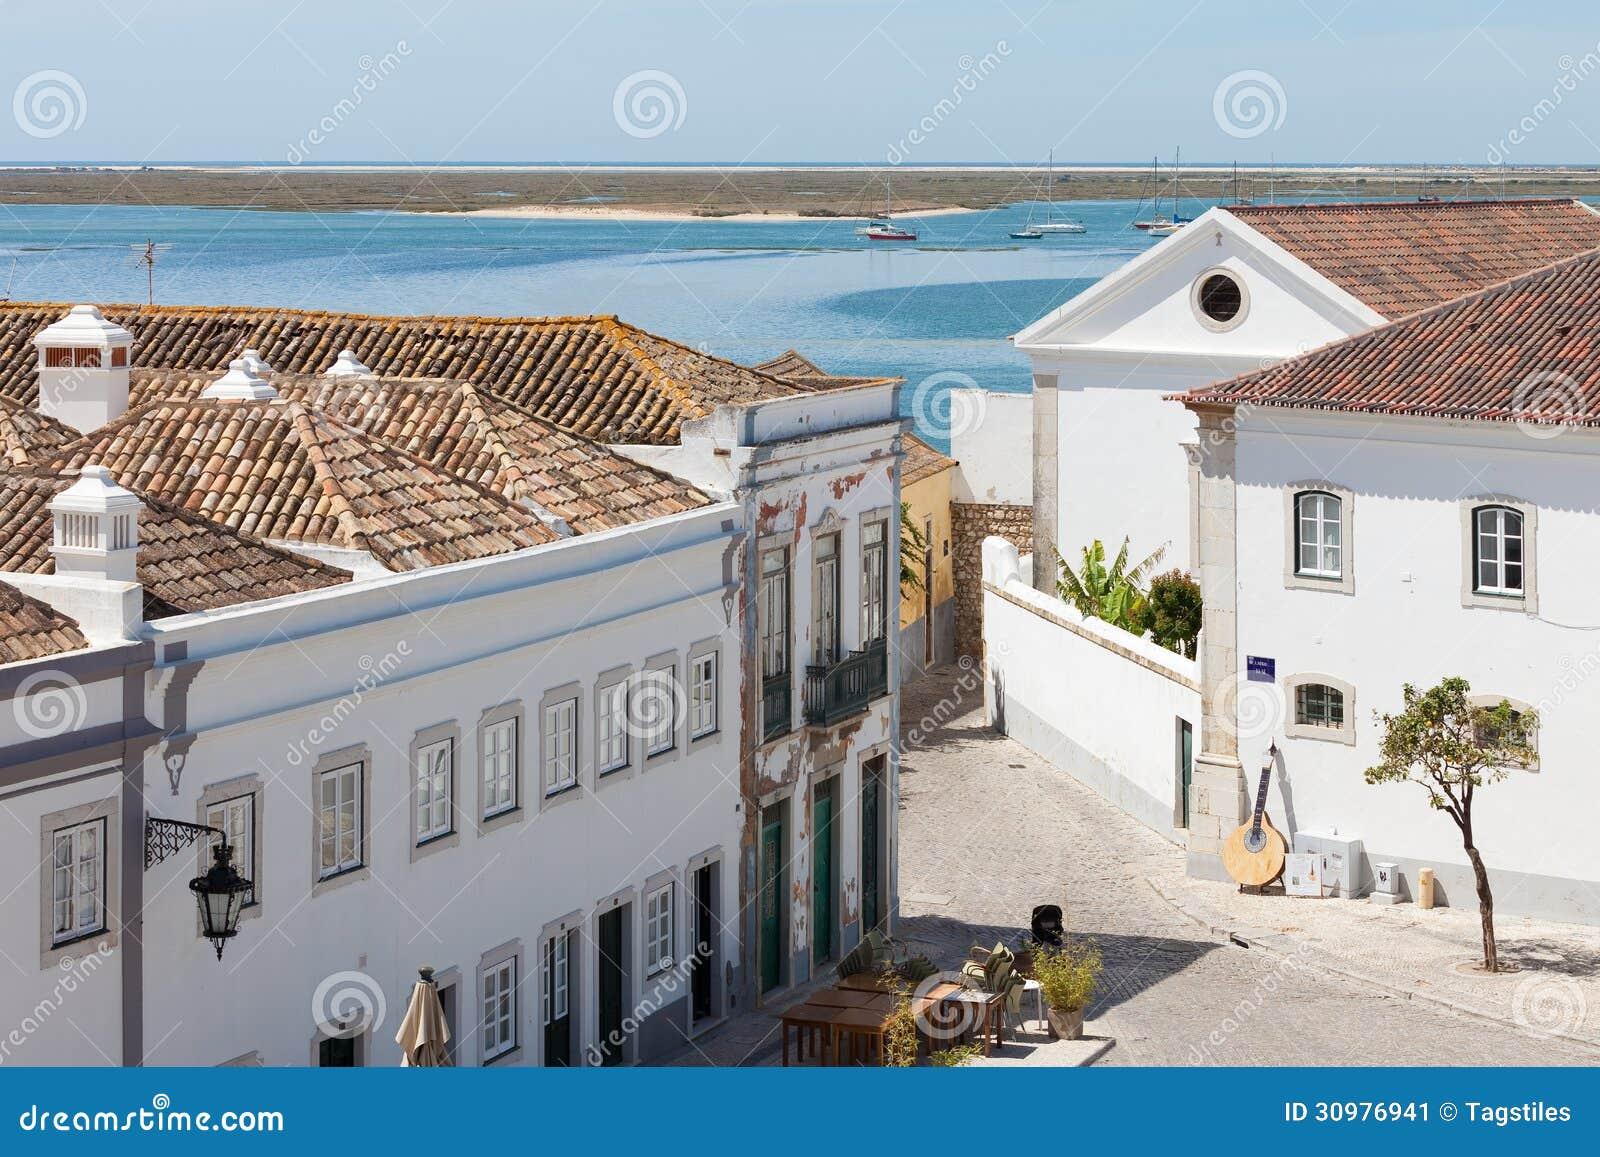 Download Portugal - Faro stockbild. Bild von küste, tranquility - 30976941